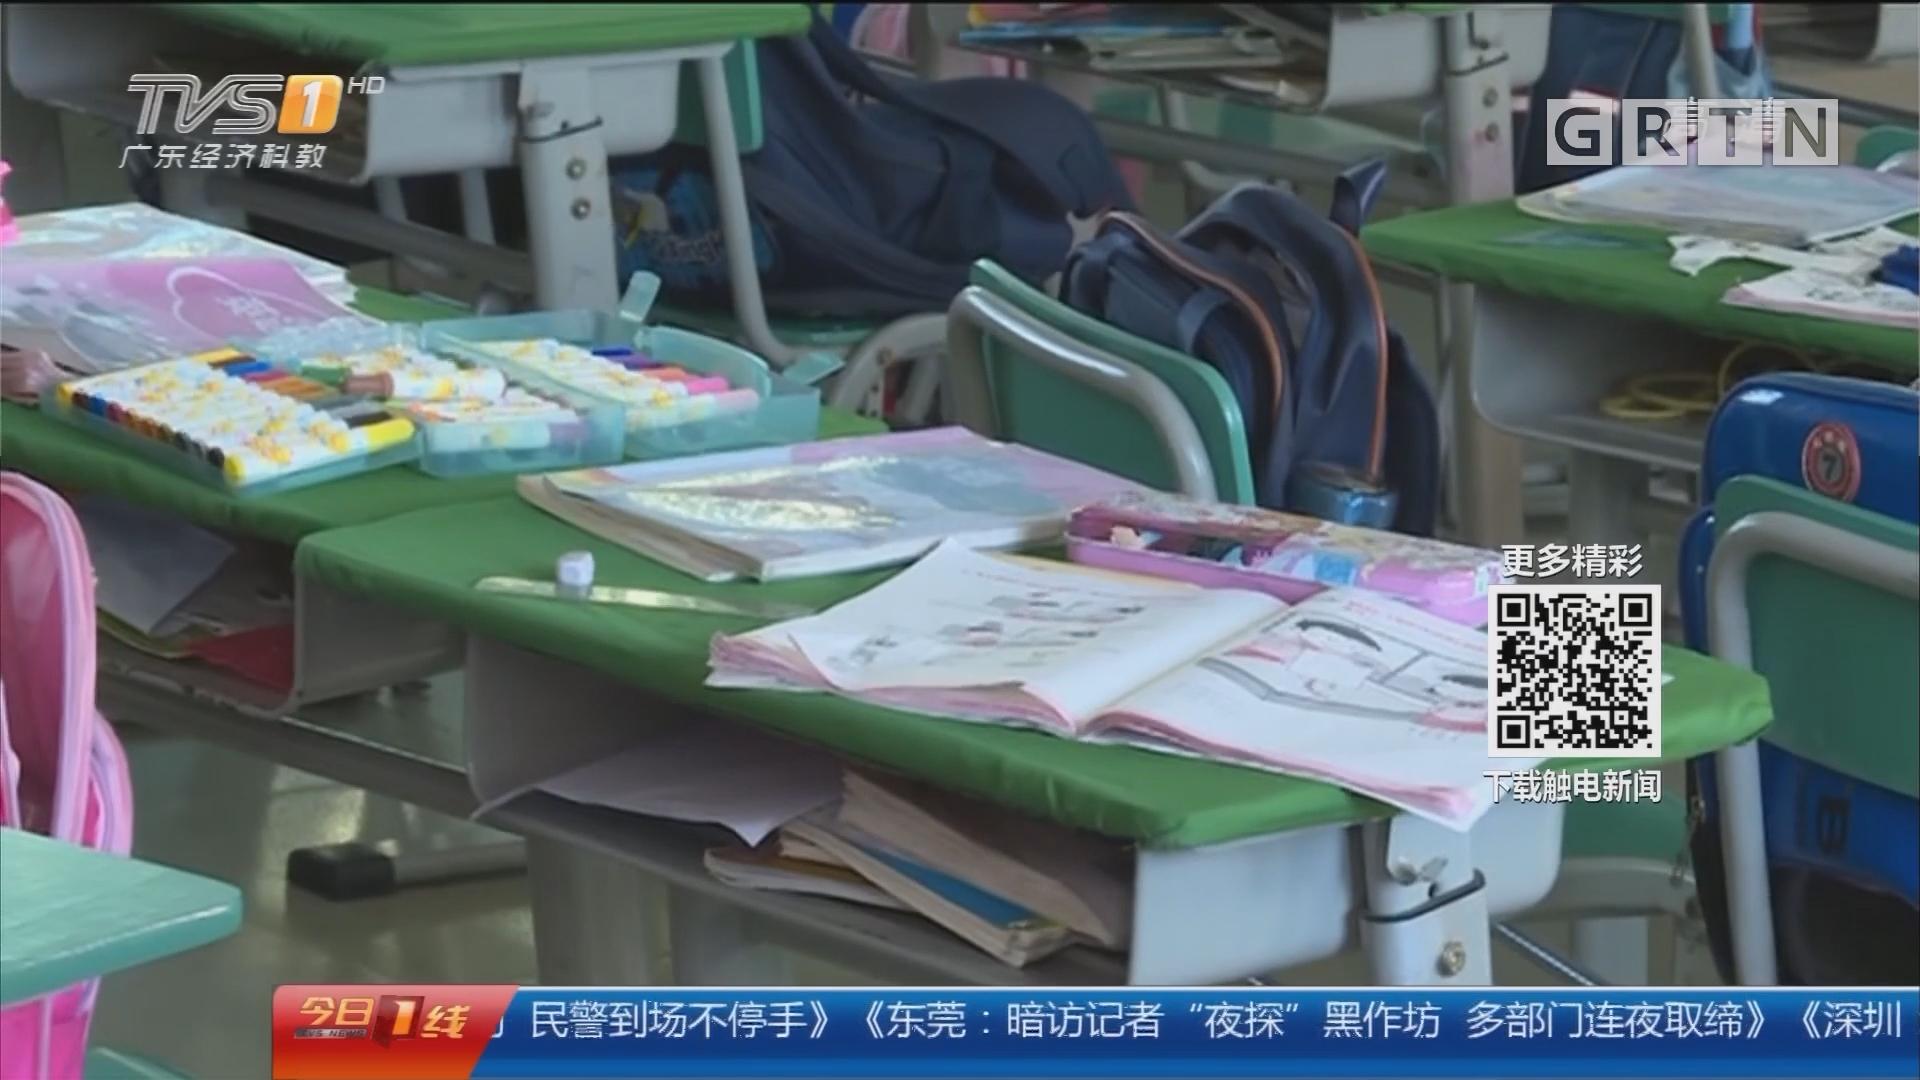 深圳:如此玩笑 默写不出老师竟让学生闻脚?